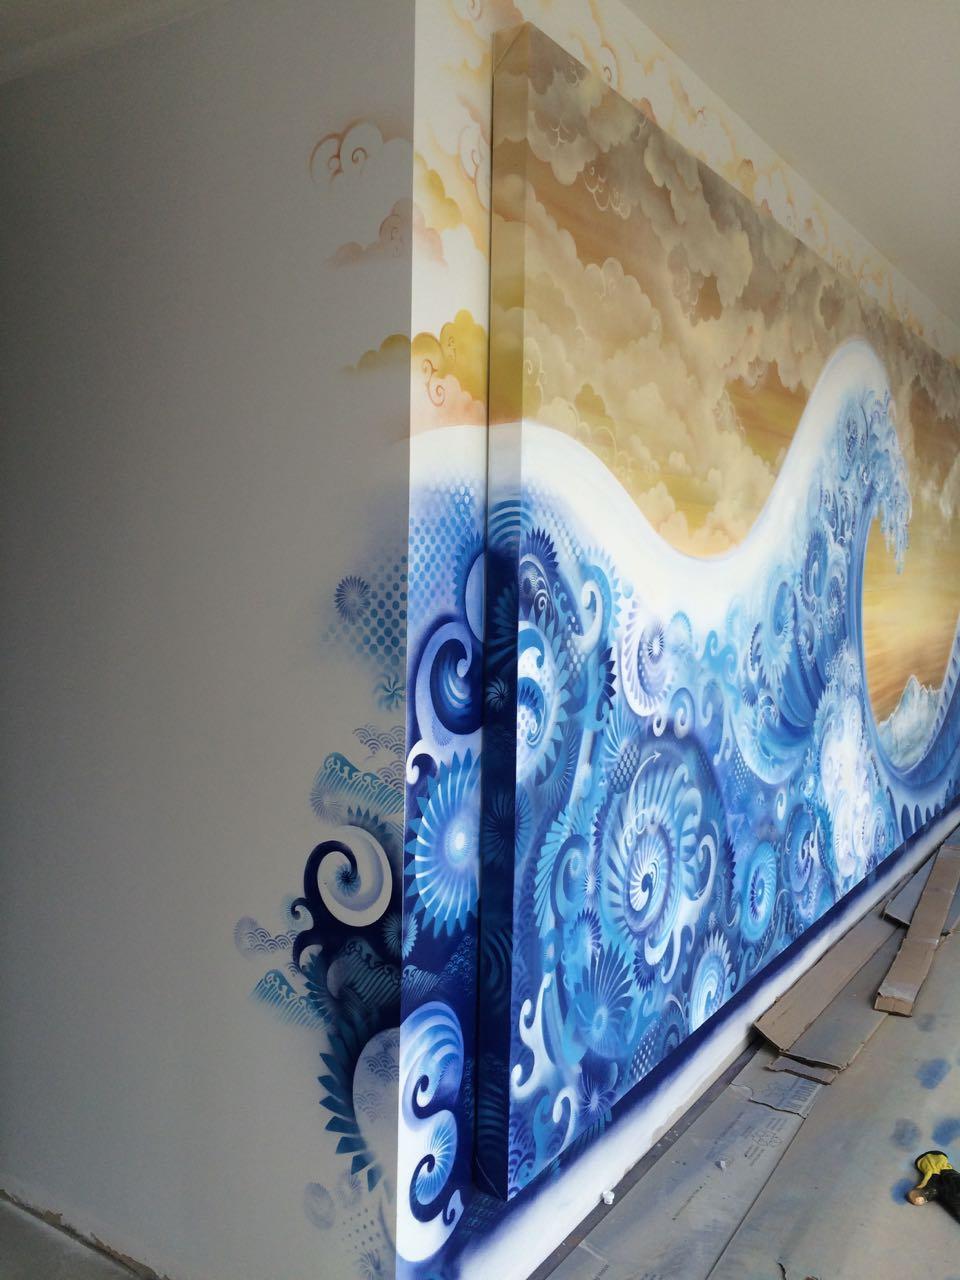 WakudaStudios_Murals_Wave_10_Yaletown_20